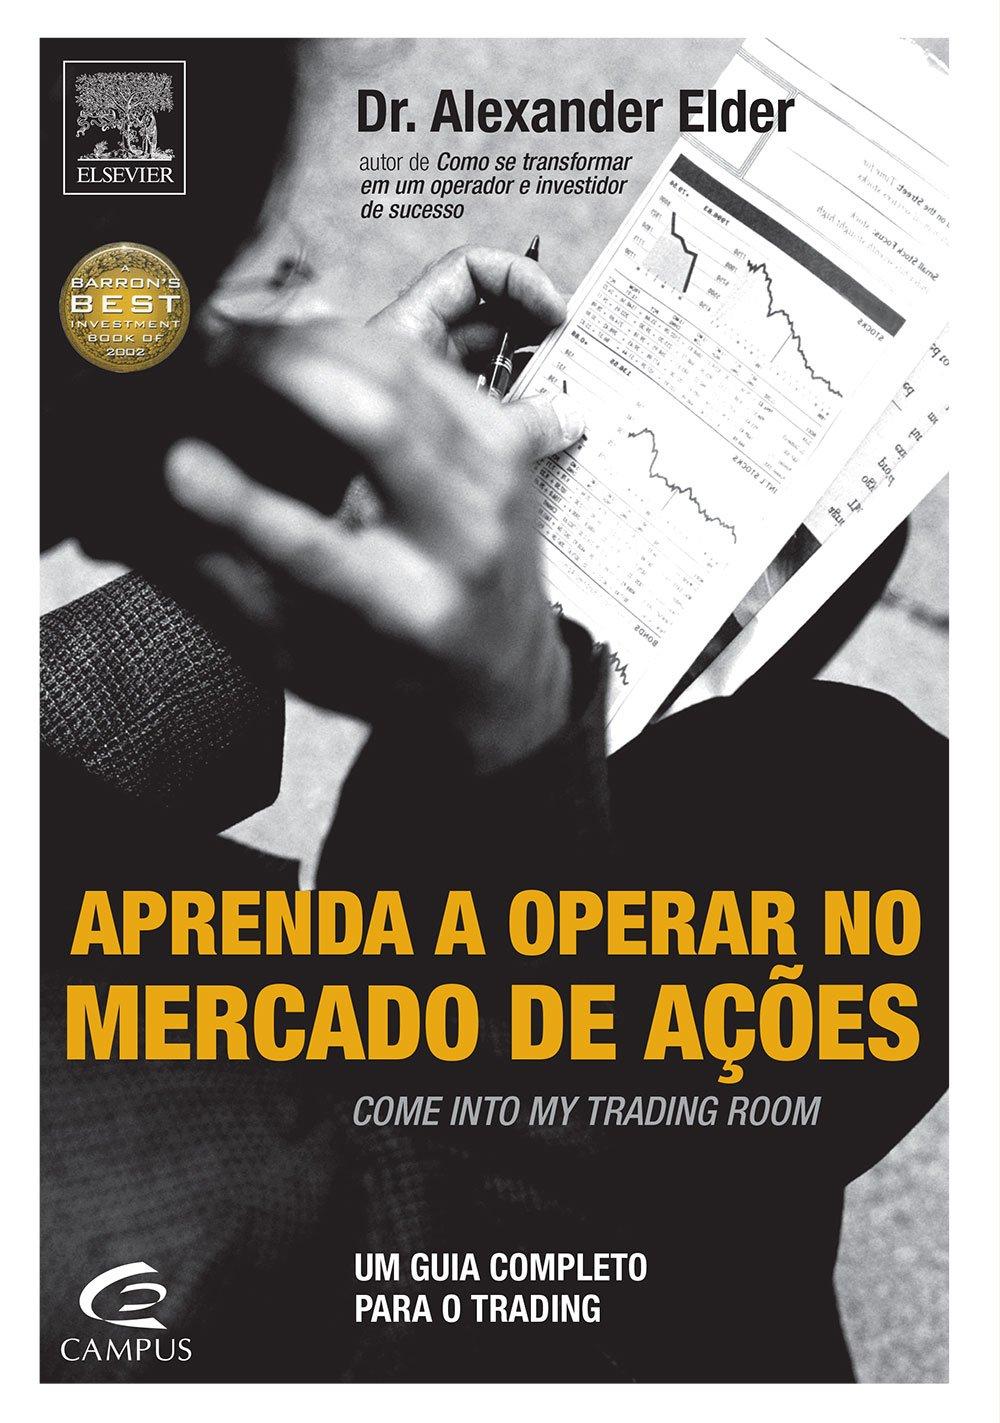 ea4b8f28f3bdc Aprenda a operar no mercado de ações - 9788535218985 - Livros na Amazon  Brasil